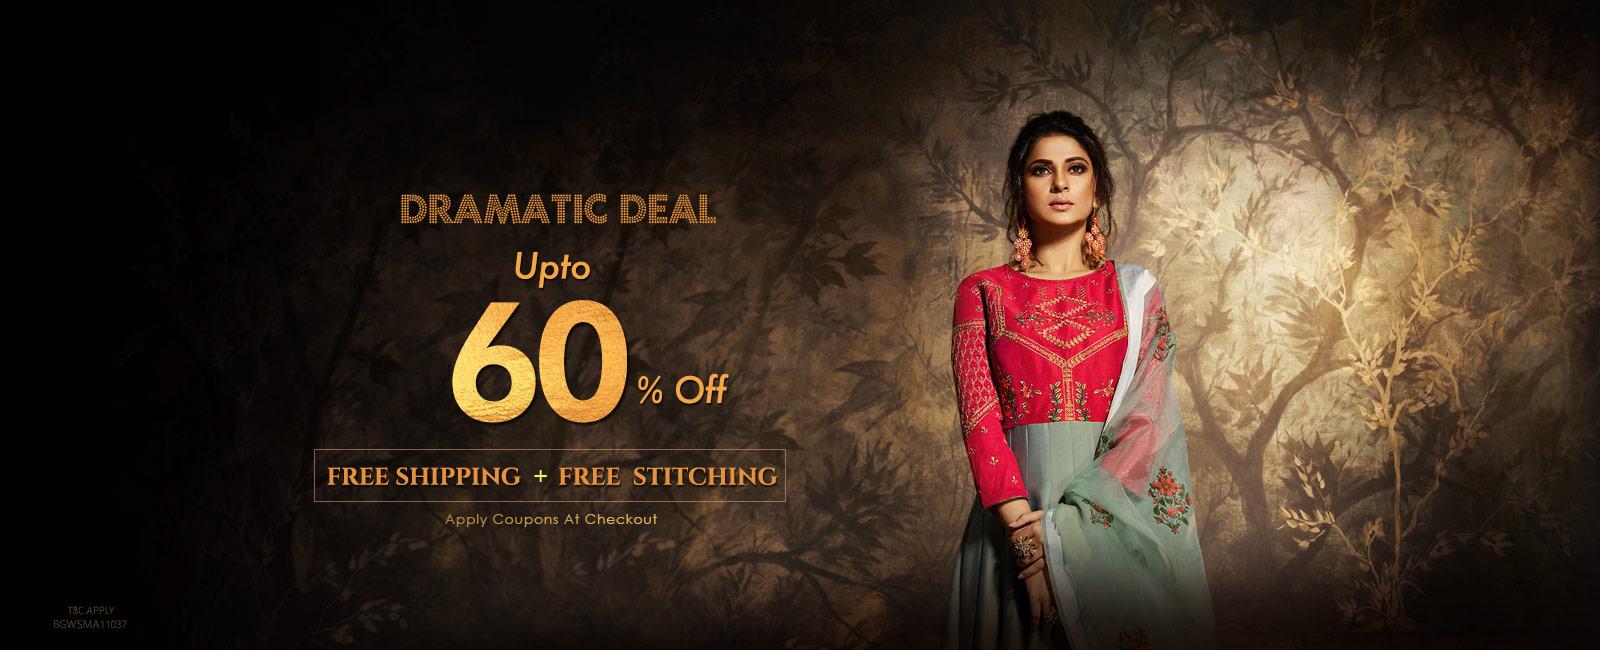 Upto 60% off  + Free Shipping + Free Stitching